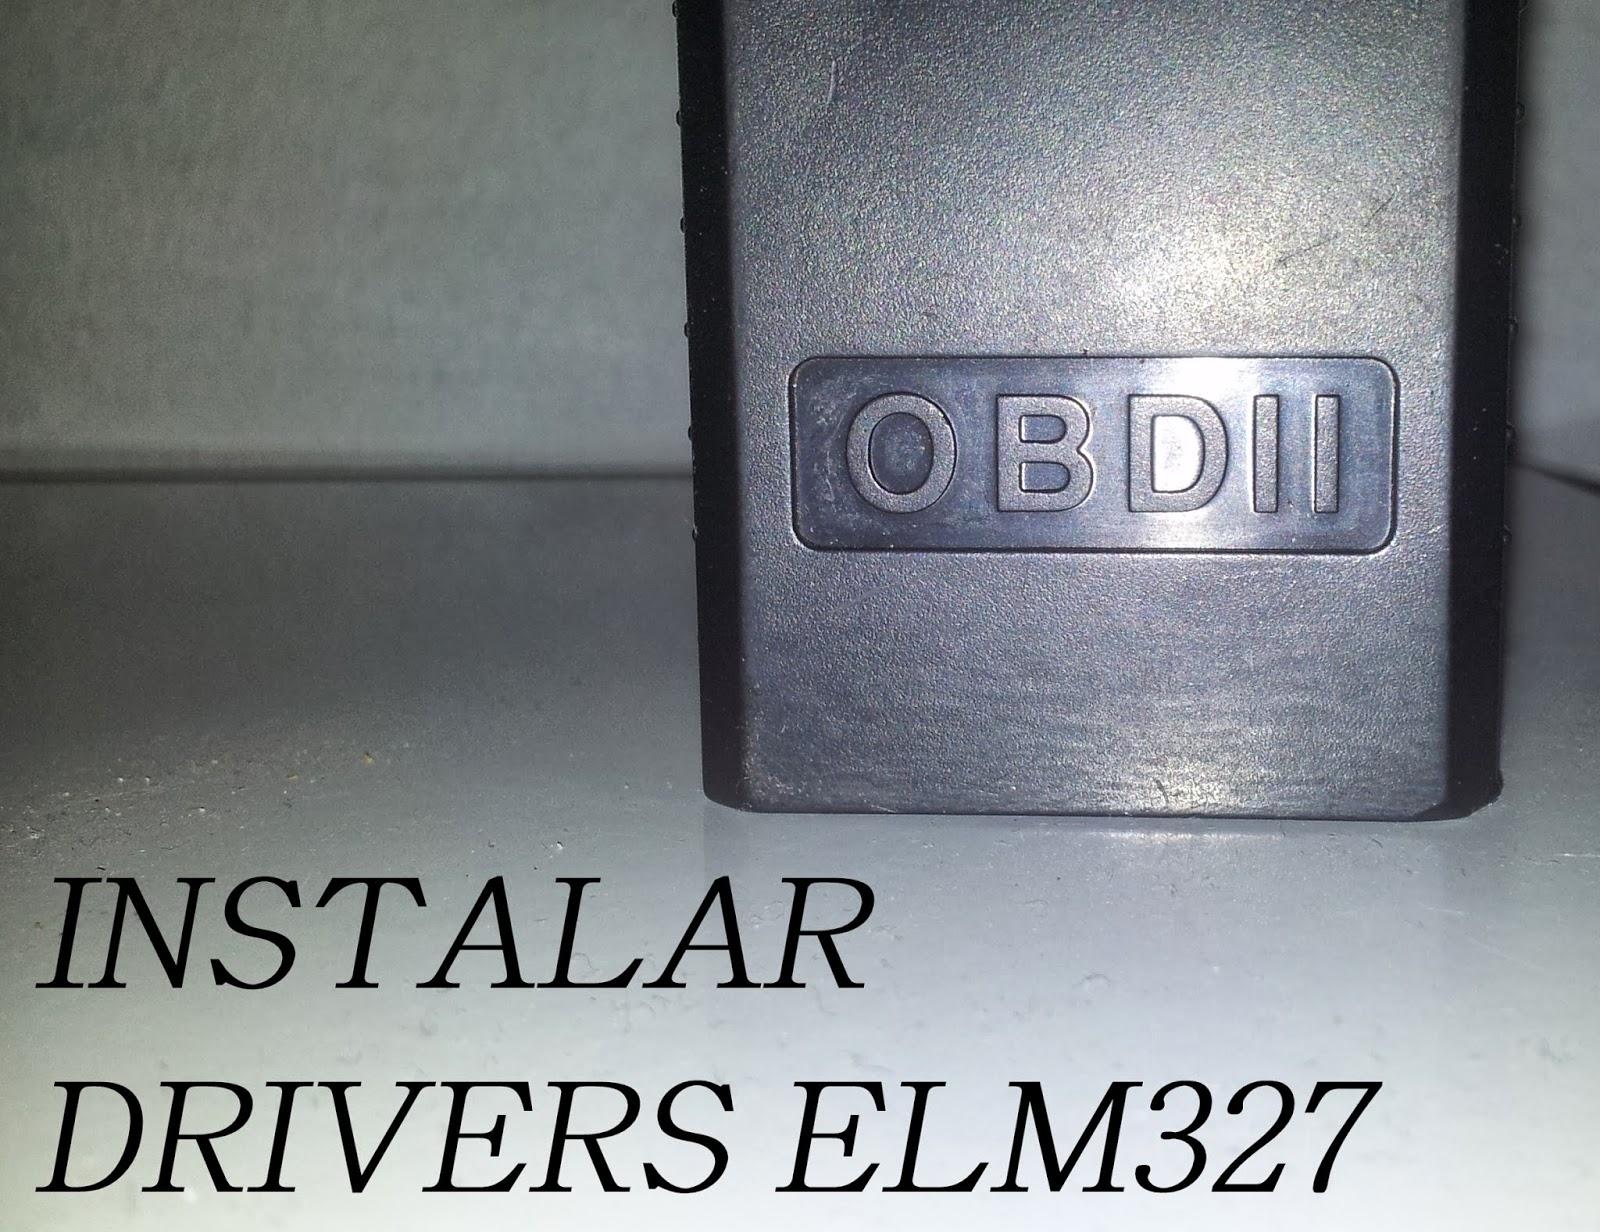 ELM327, Problemas de instalación y drivers |